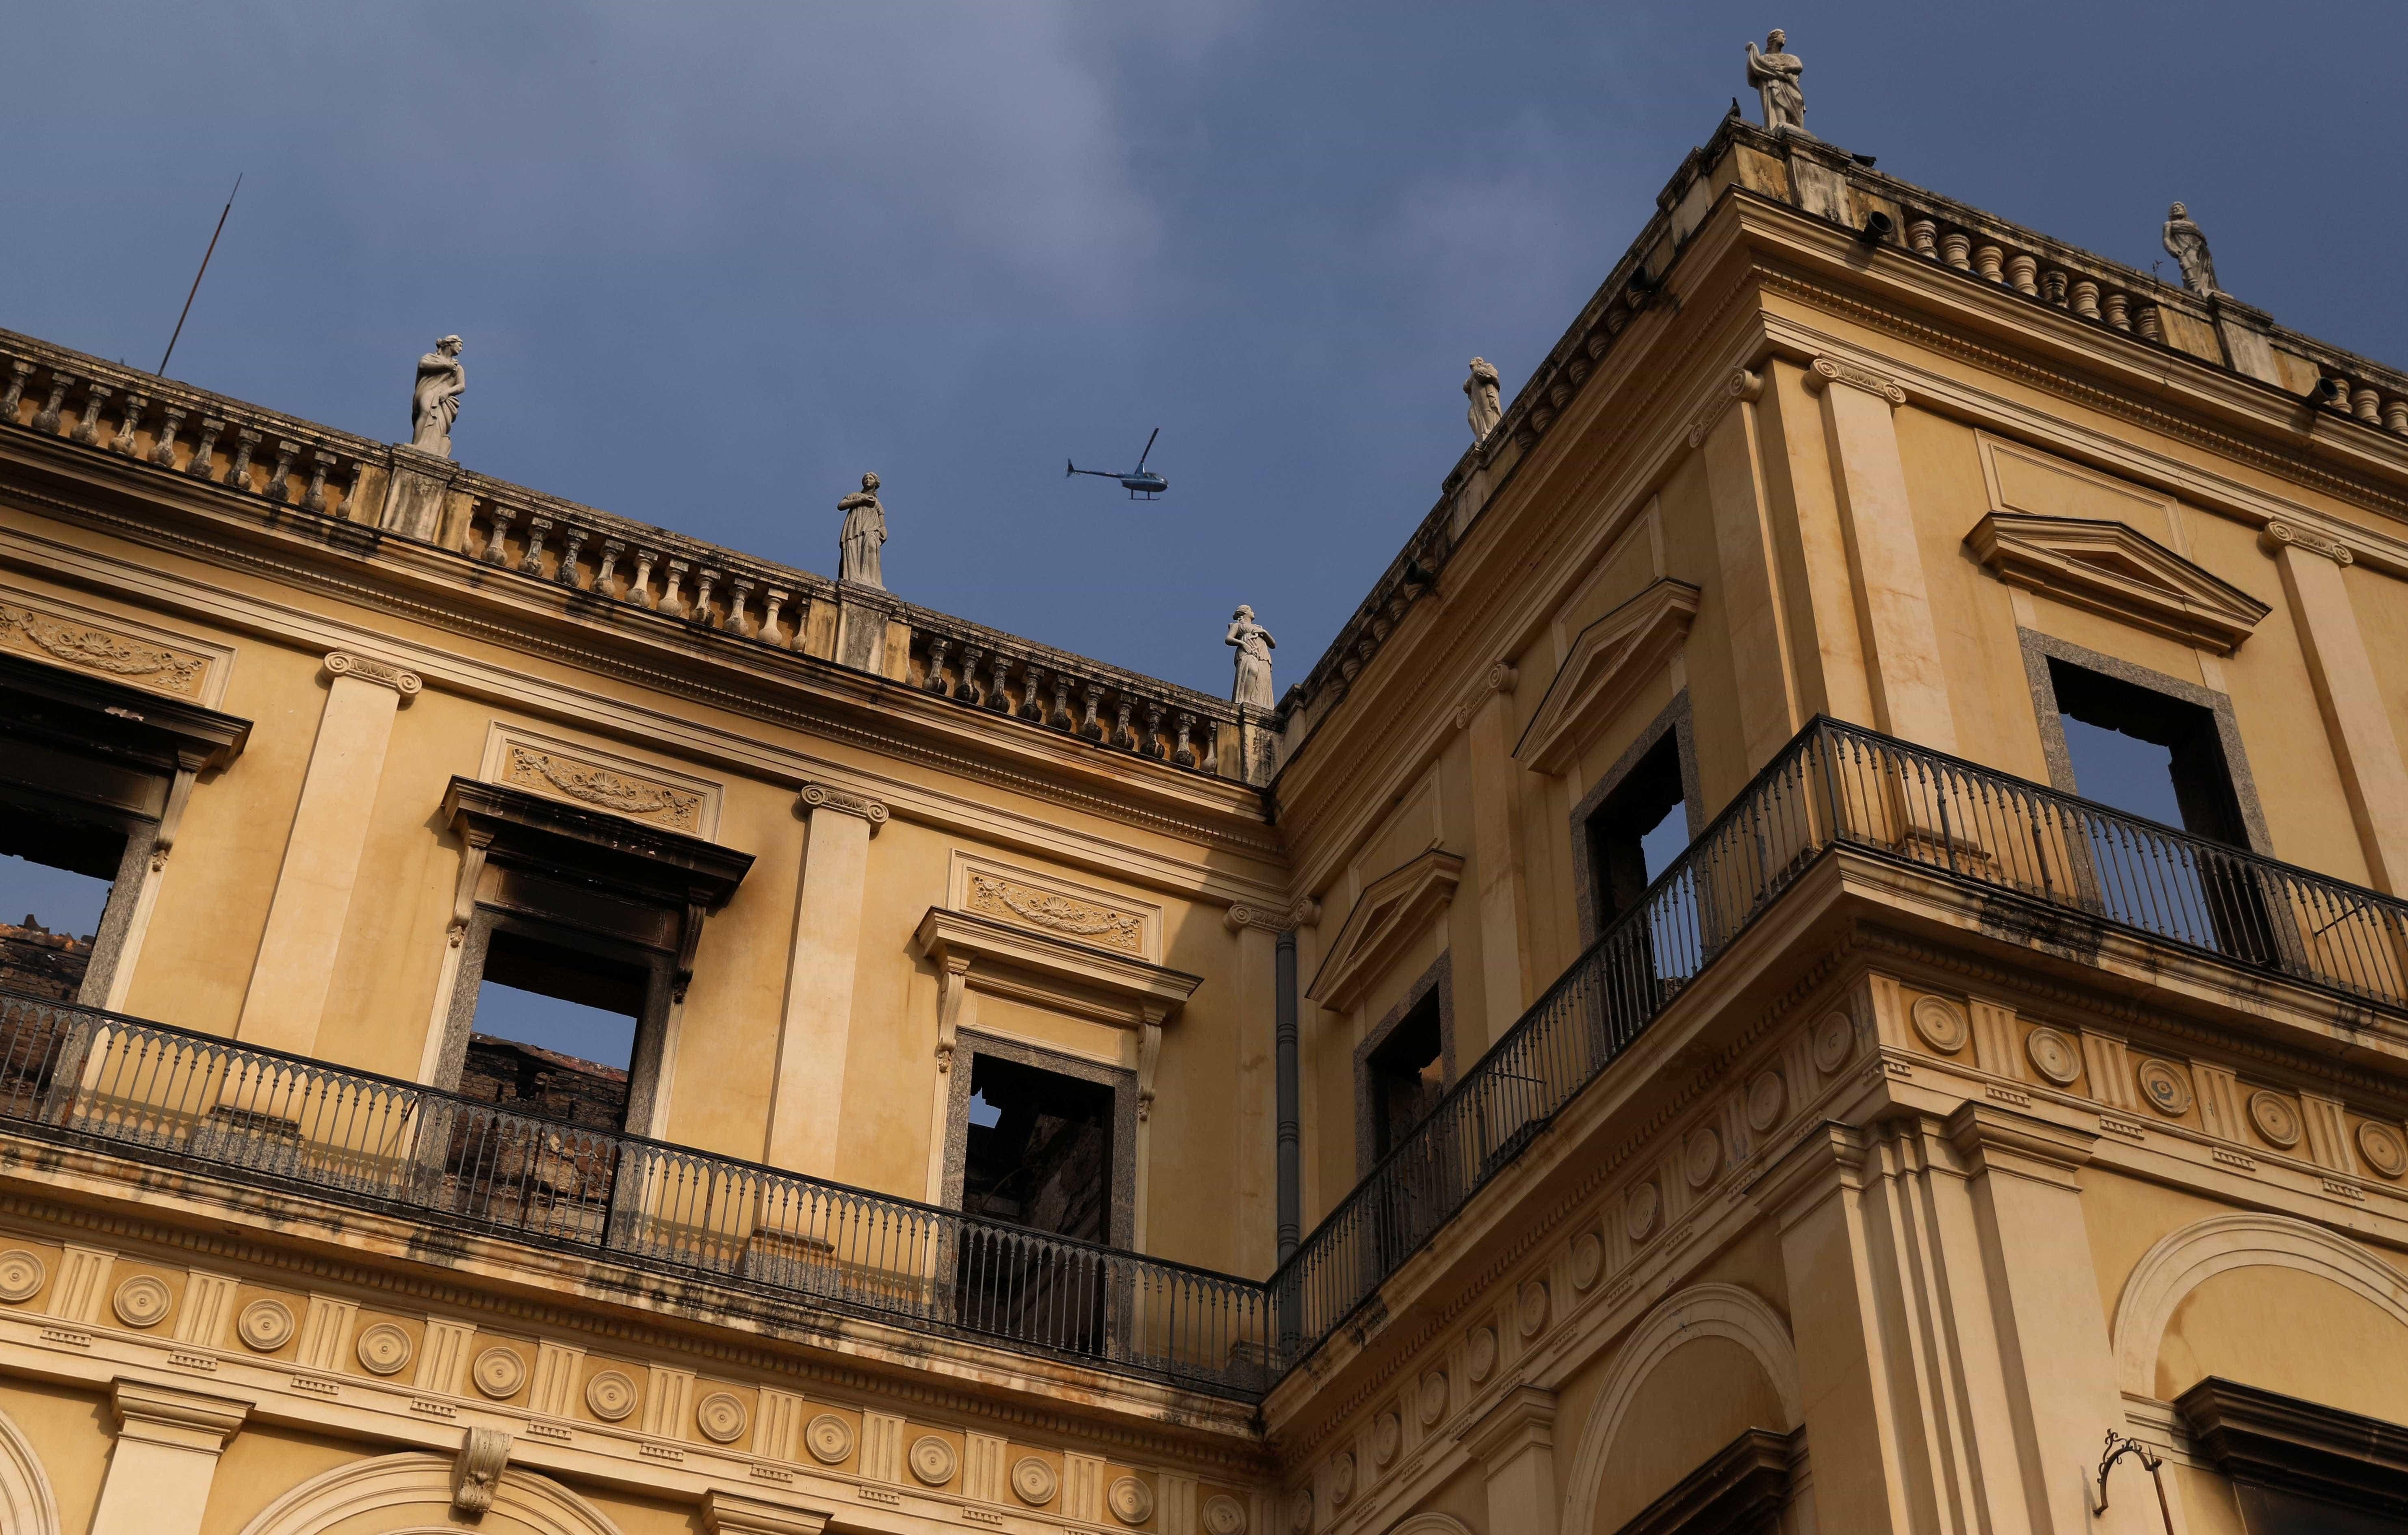 Museu Nacional recebe doação de quase 190 mil euros do governo alemão